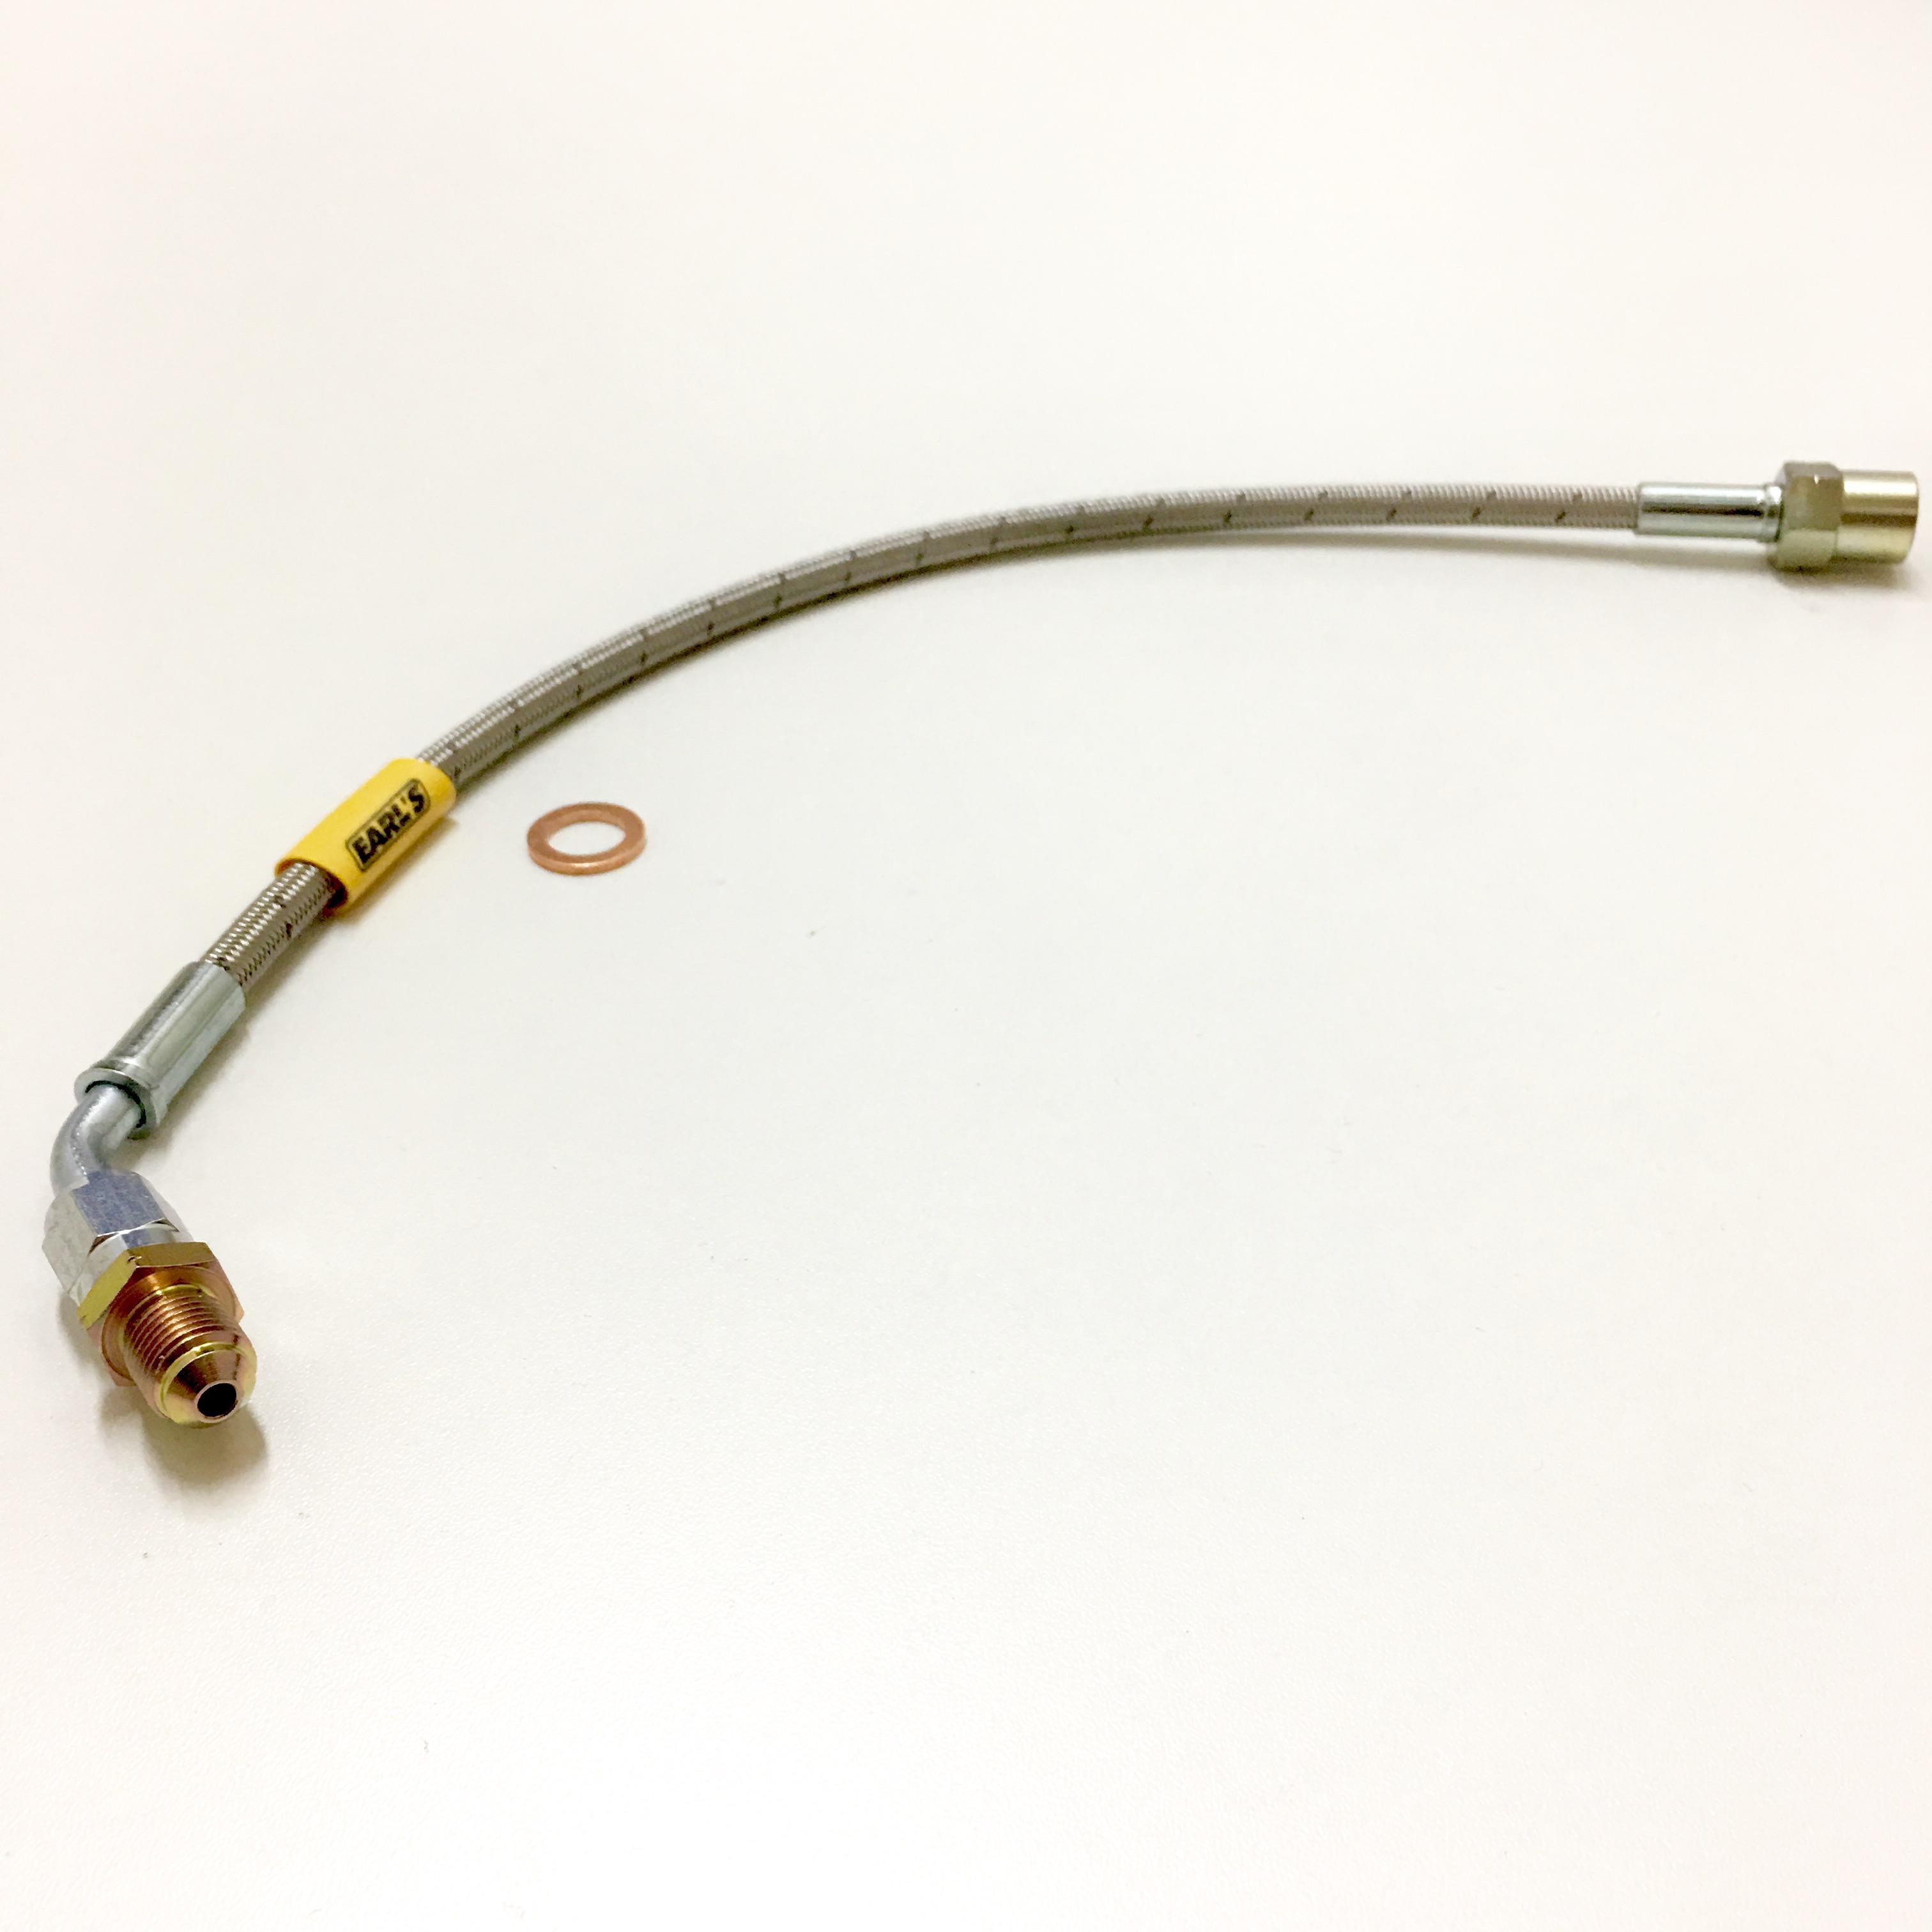 BMW Clutch Hose bmw z3 and z3m clutch line (removing cdv) stainless steel